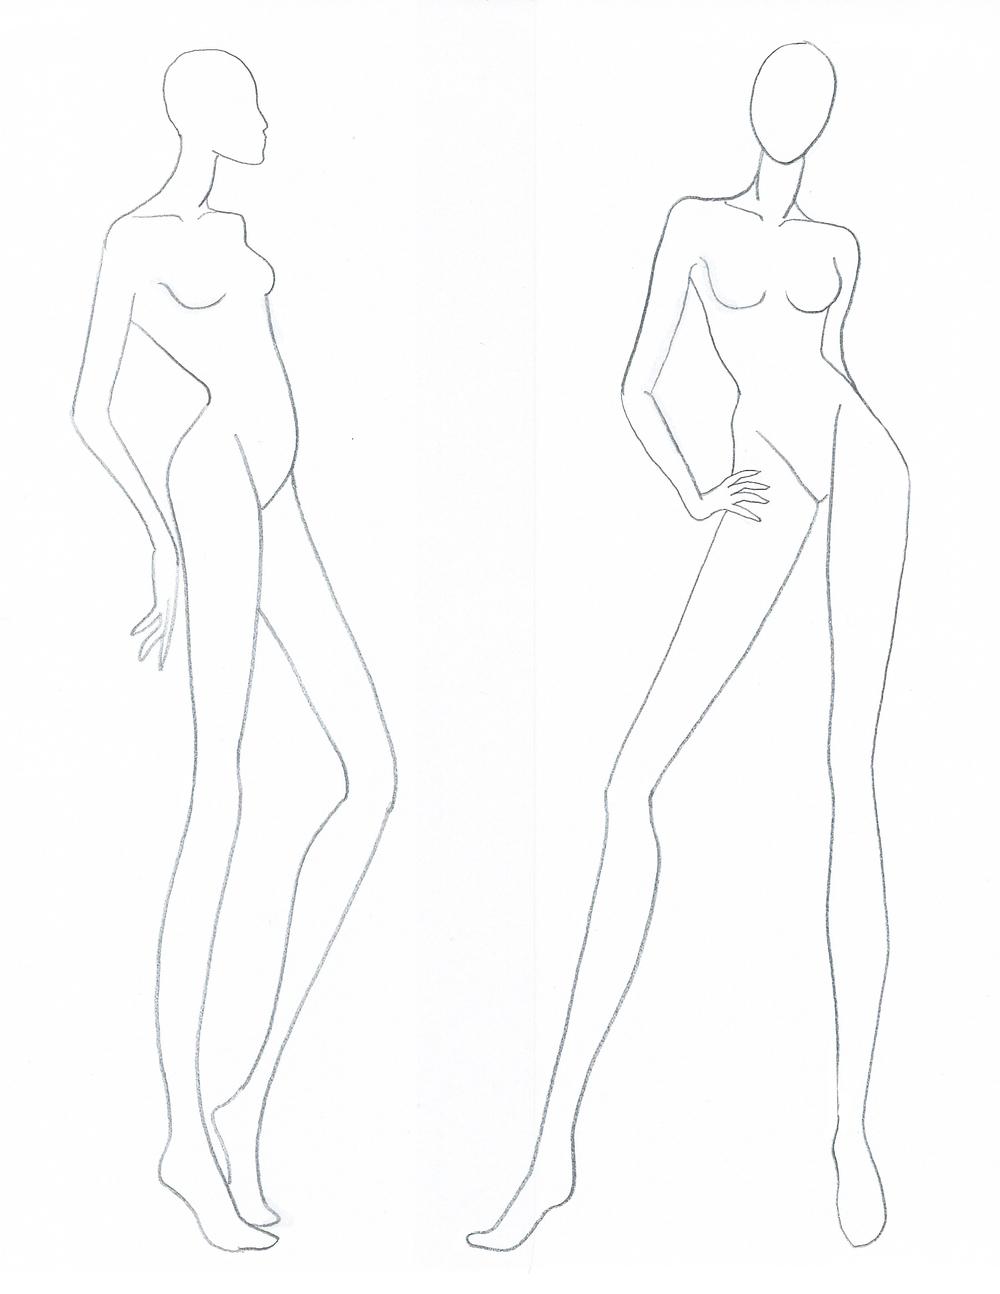 109TM_Fashion_Stencils_Page_4.jpg